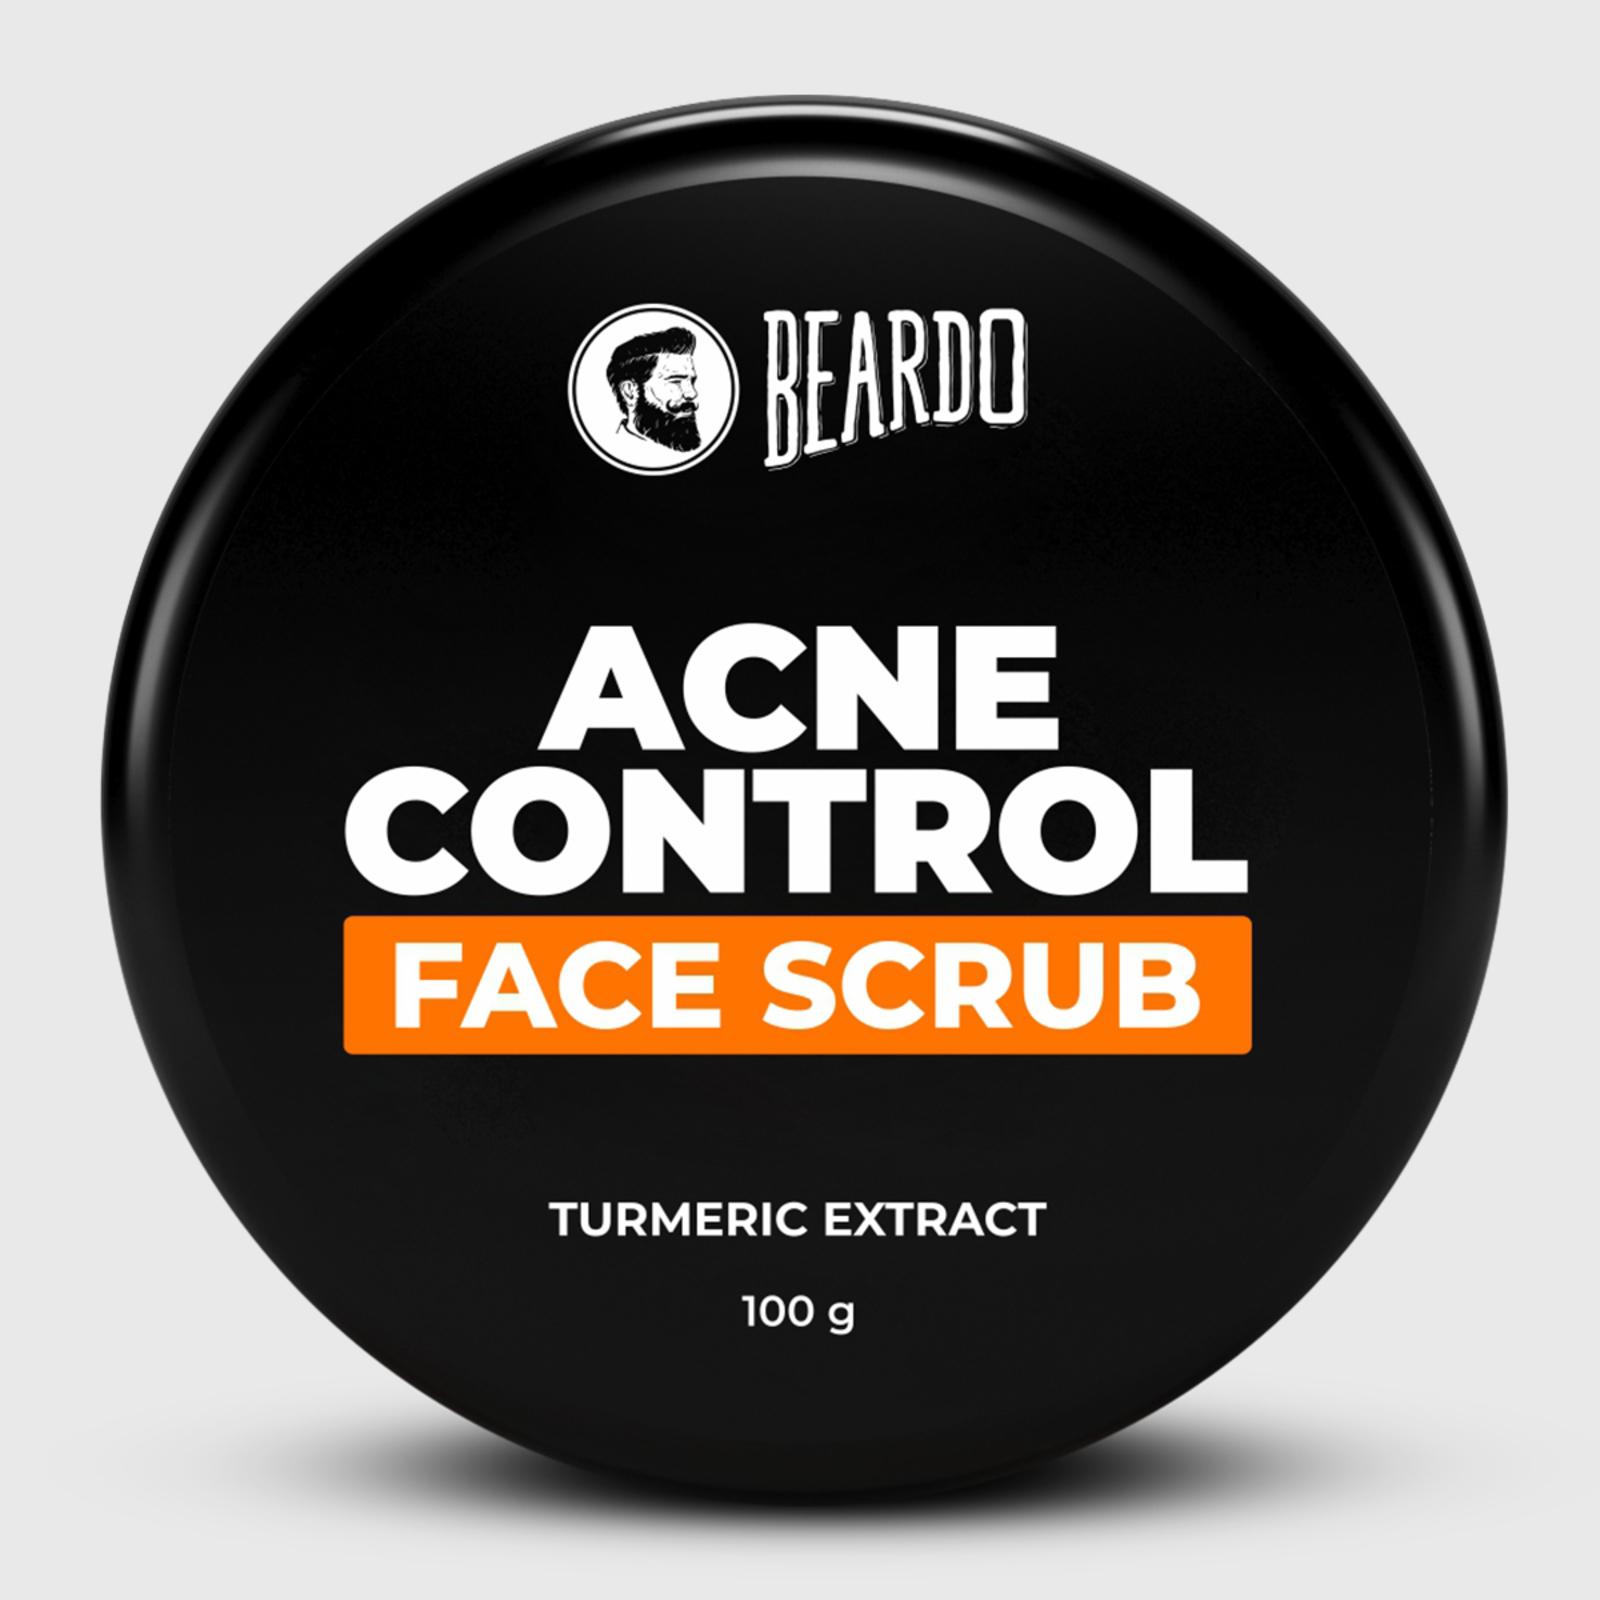 Beardo Acne Control Face Scrub (100g)